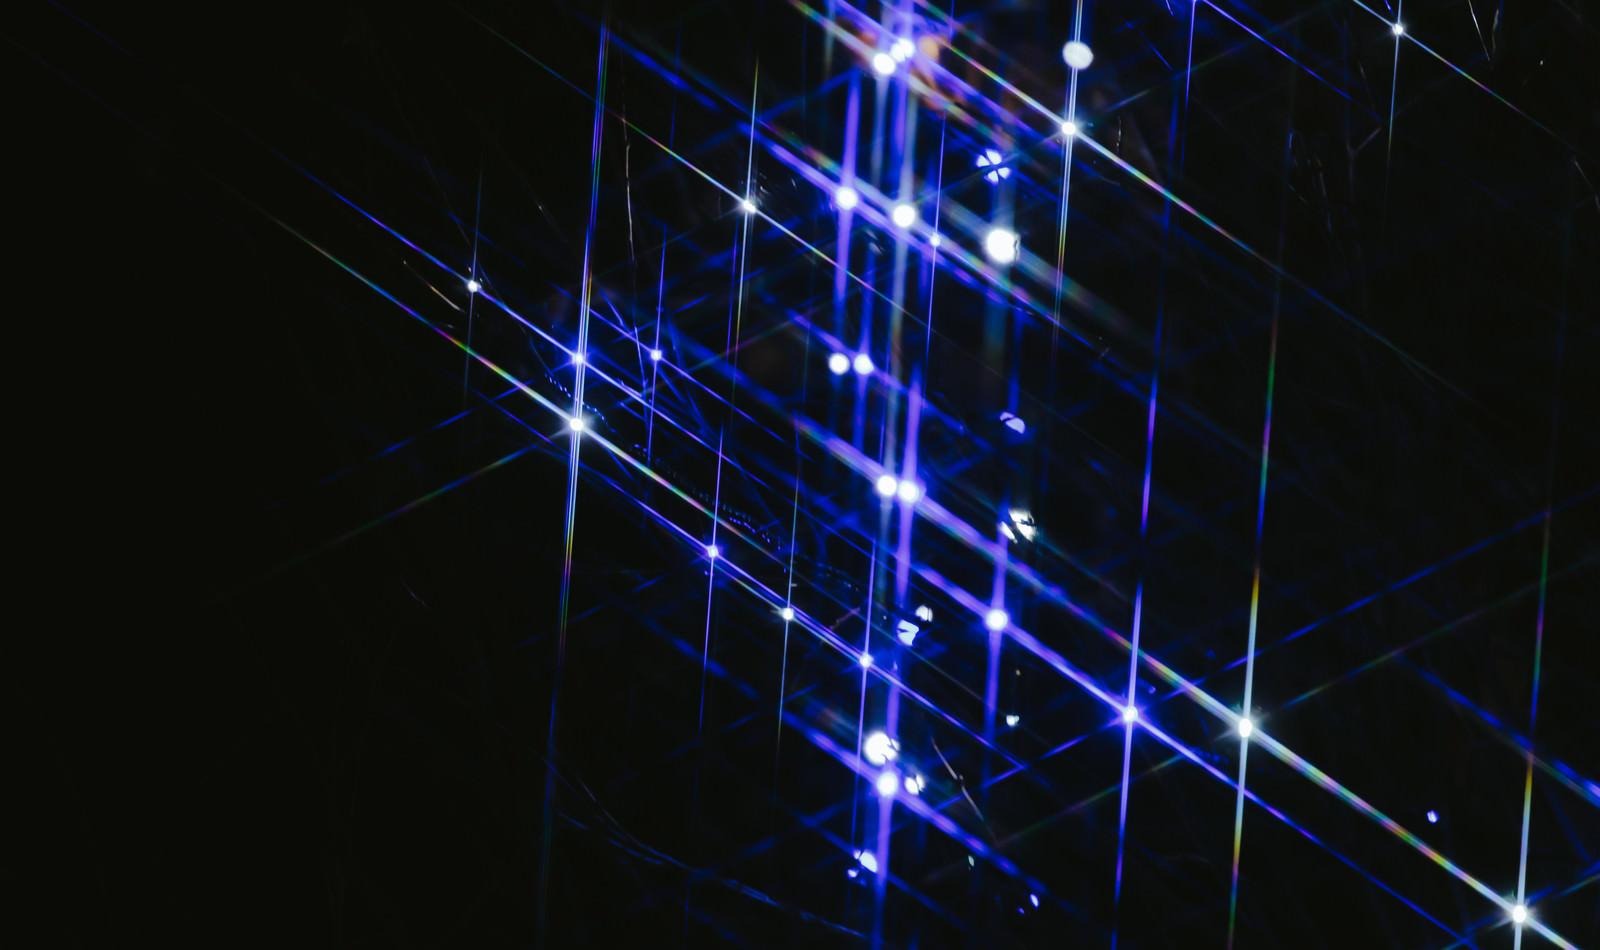 「キラキラ光る | 写真の無料素材・フリー素材 - ぱくたそ」の写真